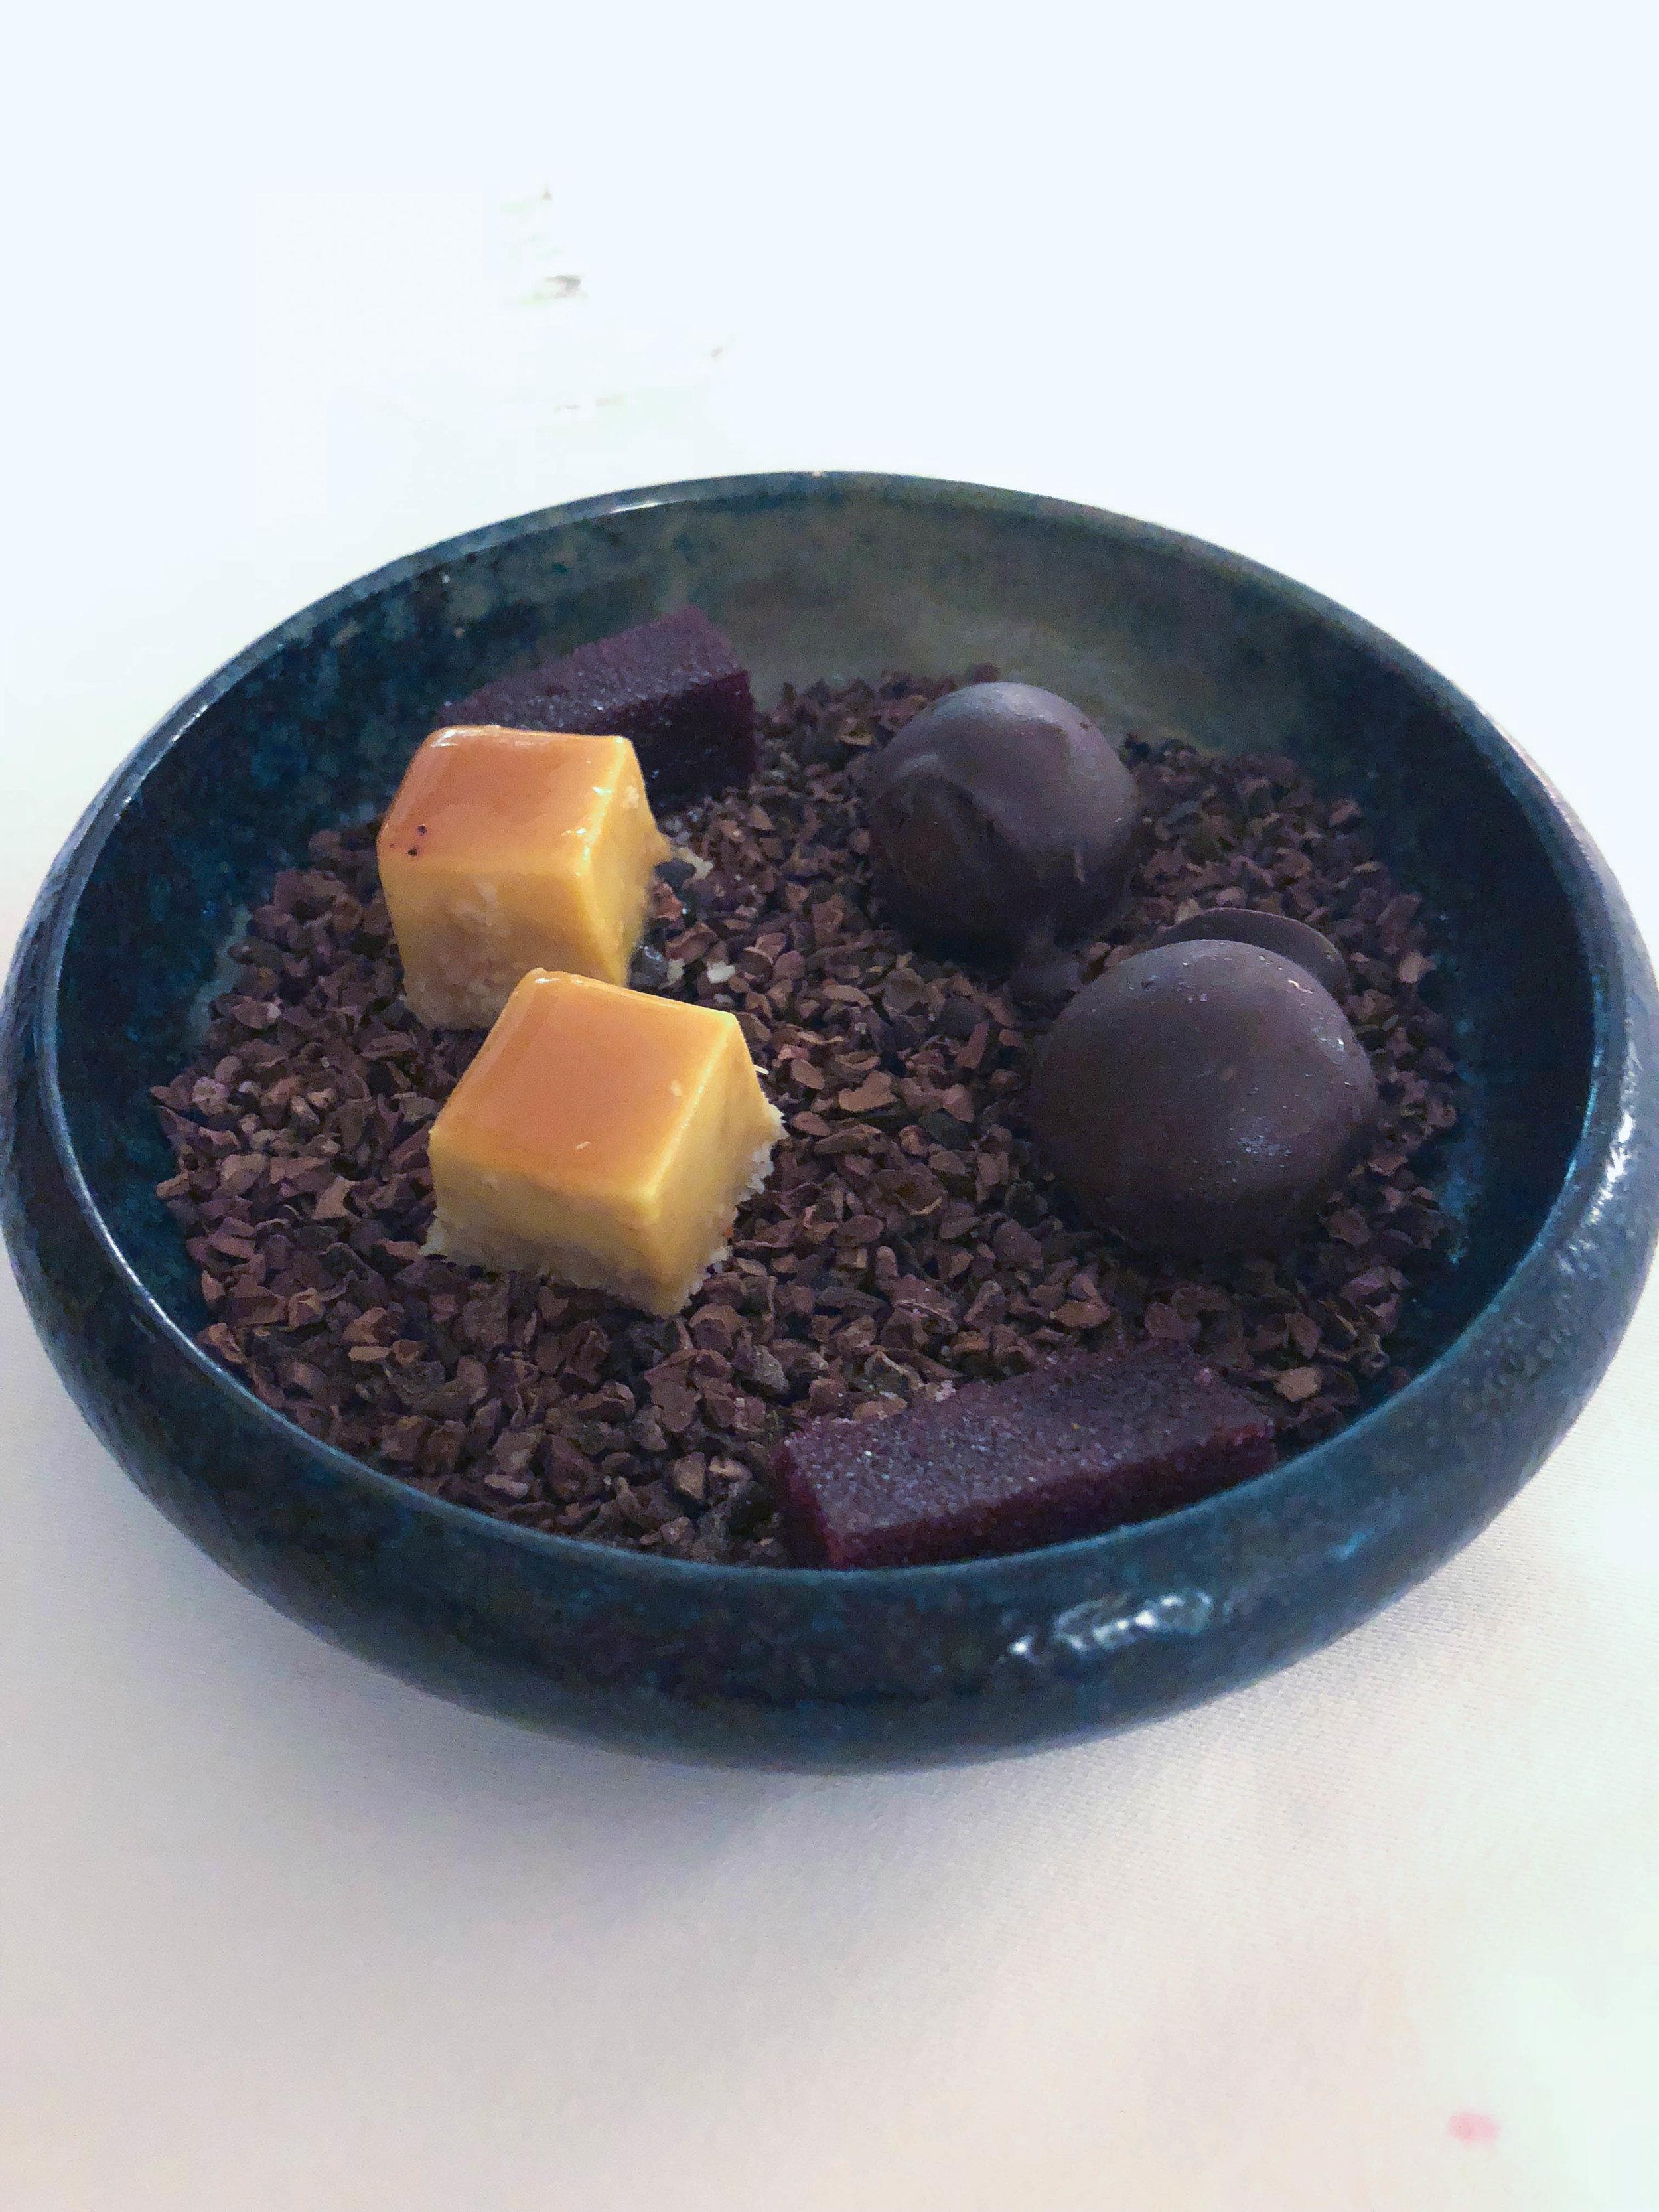 一个美味的美味佳肴,吃个巧克力蛋糕,吃了巧克力蛋糕,吃了美味的樱桃蛋糕,吃番茄酱